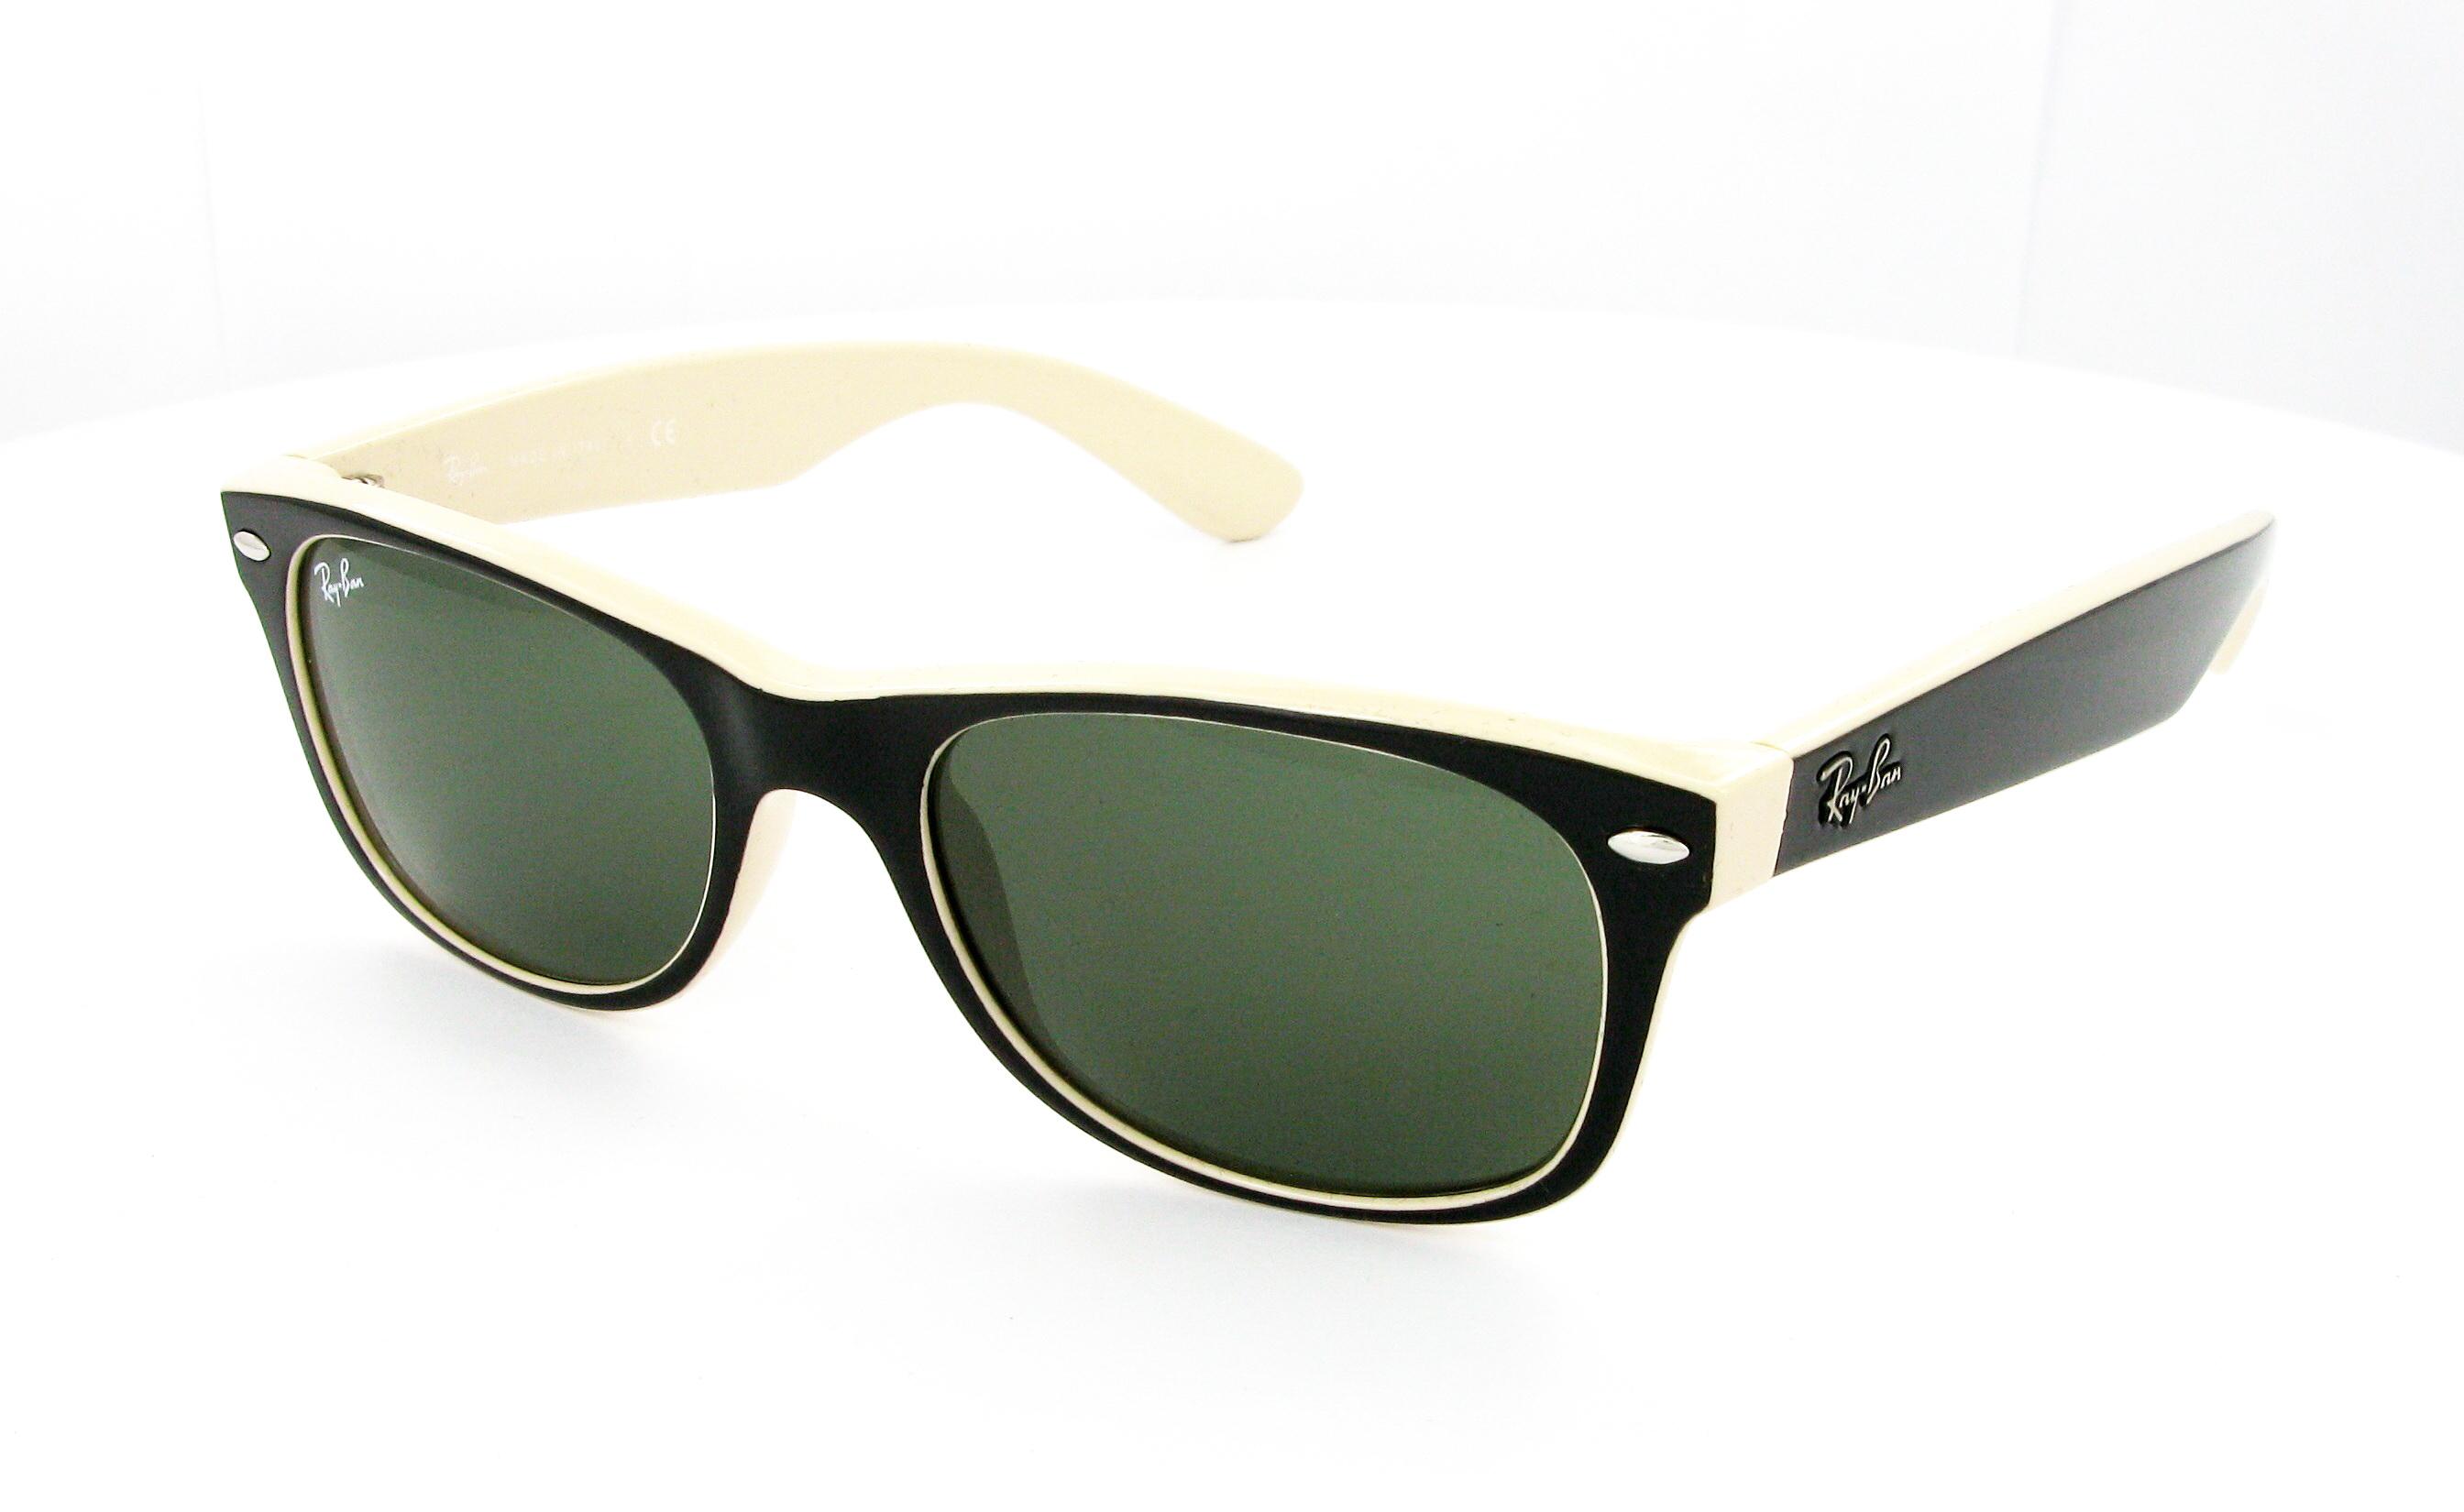 a6d9674d1bcd0 Oculos Oakley Gascan 3d « Heritage Malta